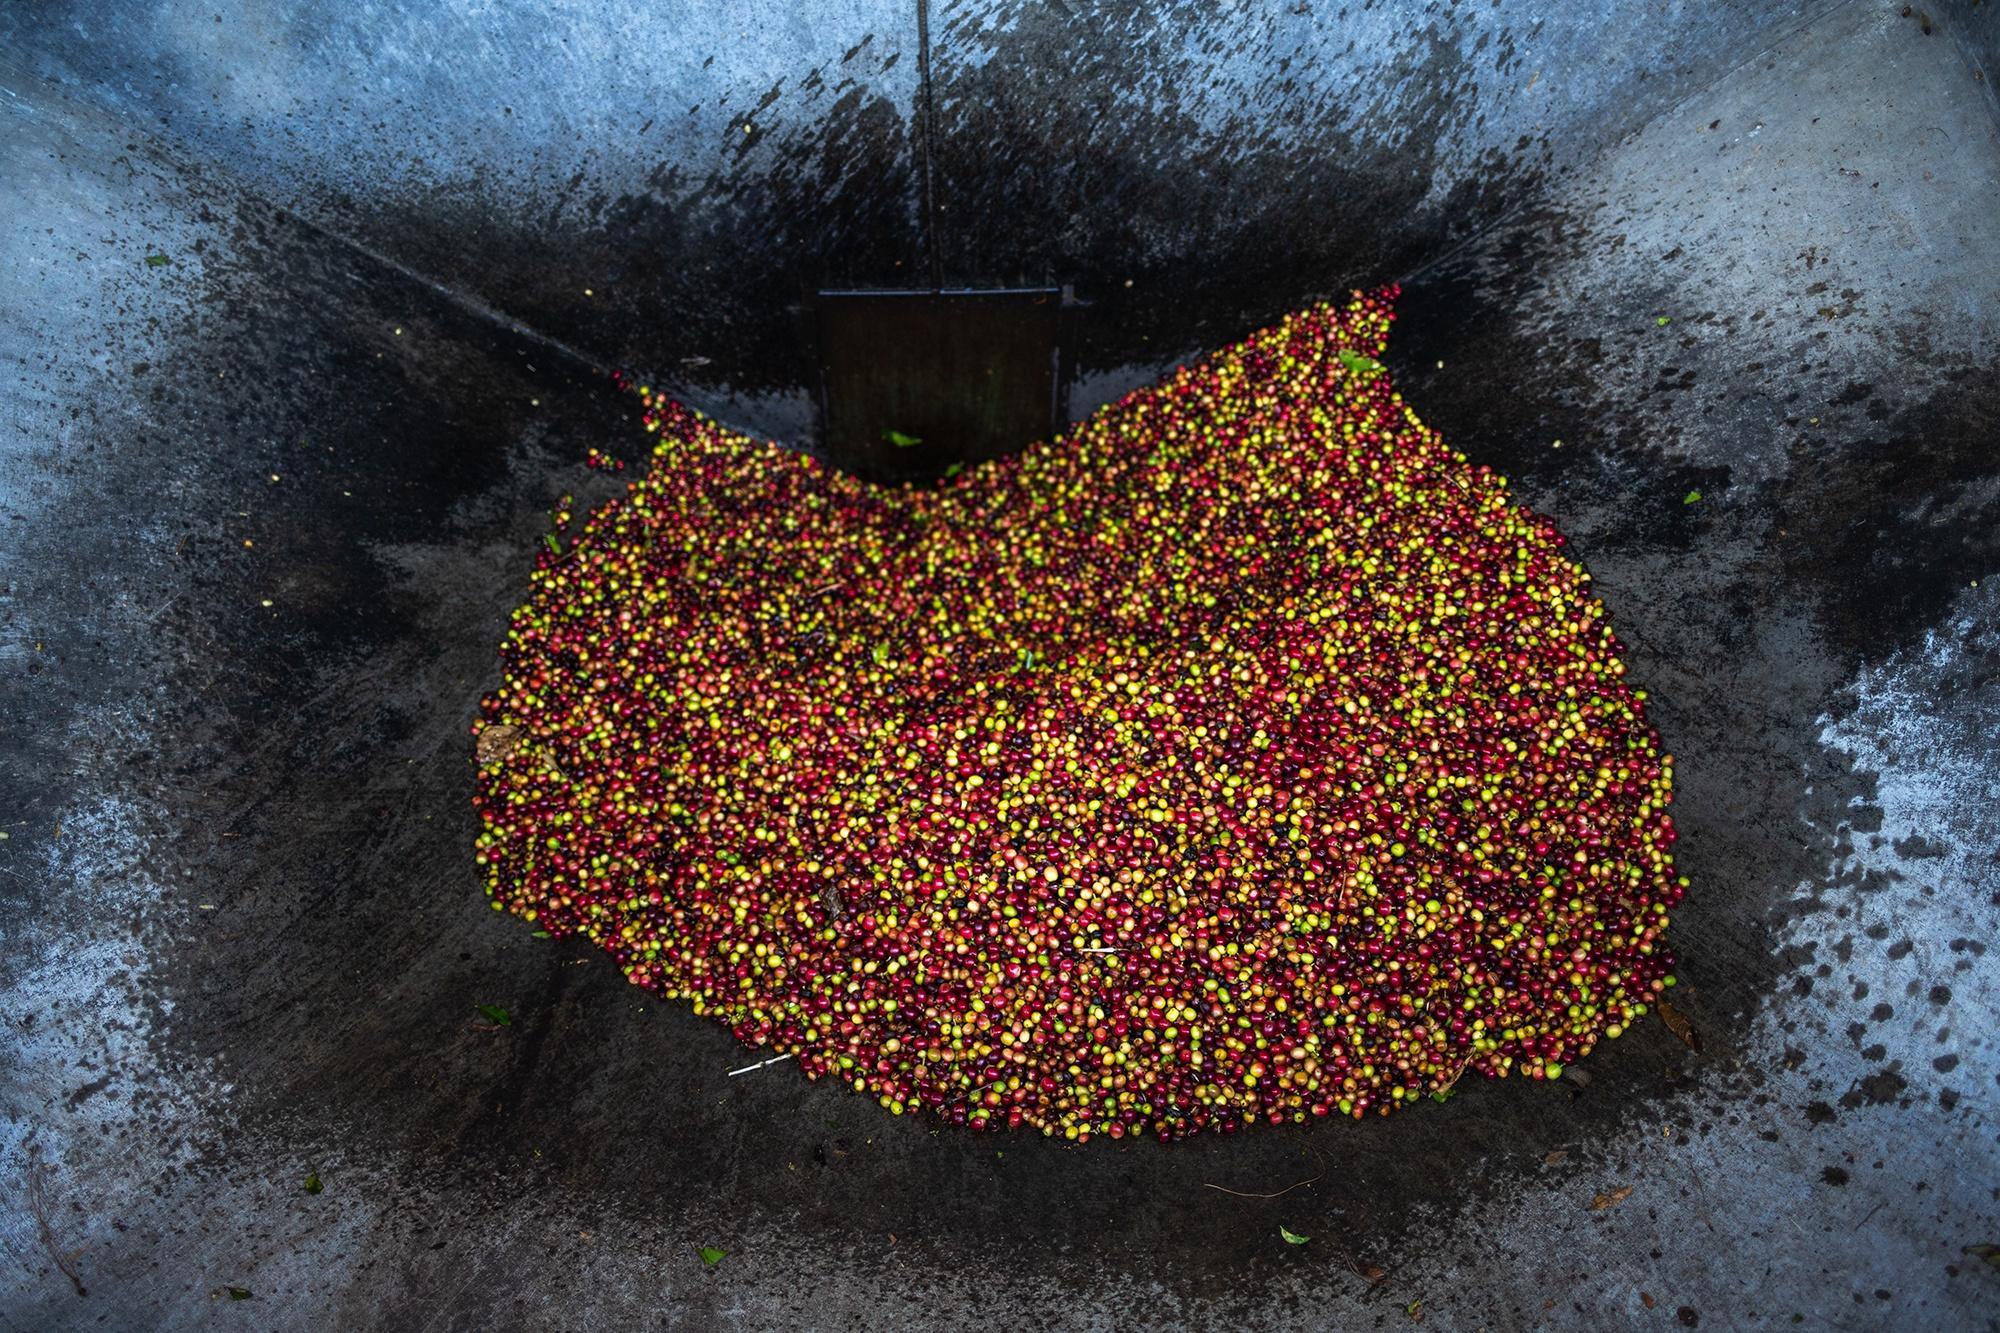 La fruta del café o uva —como se le conoce—, luego de ser cosechado y seleccionado pasa por una máquina que separa la pulpa del grano que luego irá a proceso de secado. La pulpa del café es usada como abono para la plantación local. Corquín, Copán, 25 de febrero de 2021. Foto: Martín Cálix.